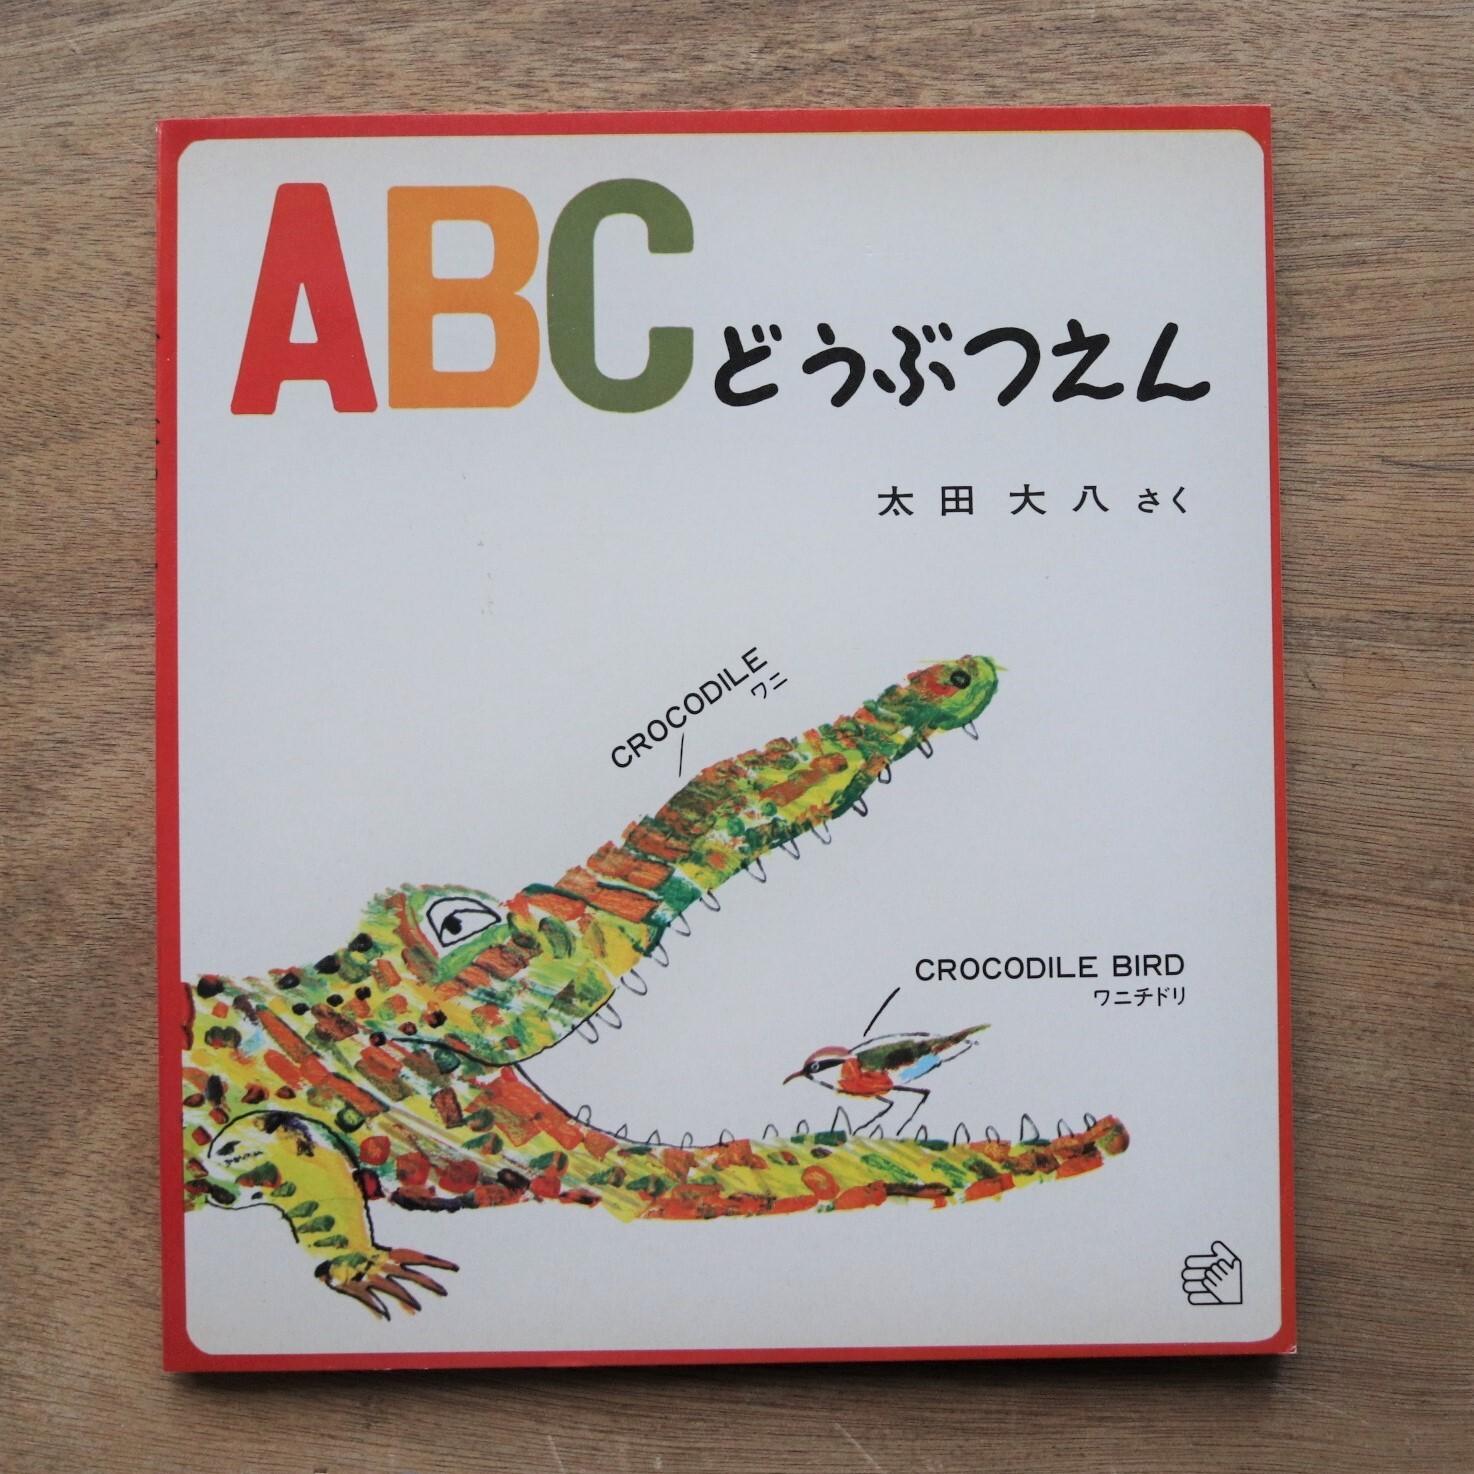 ABCどうぶつえん / 太田 大八 (著)